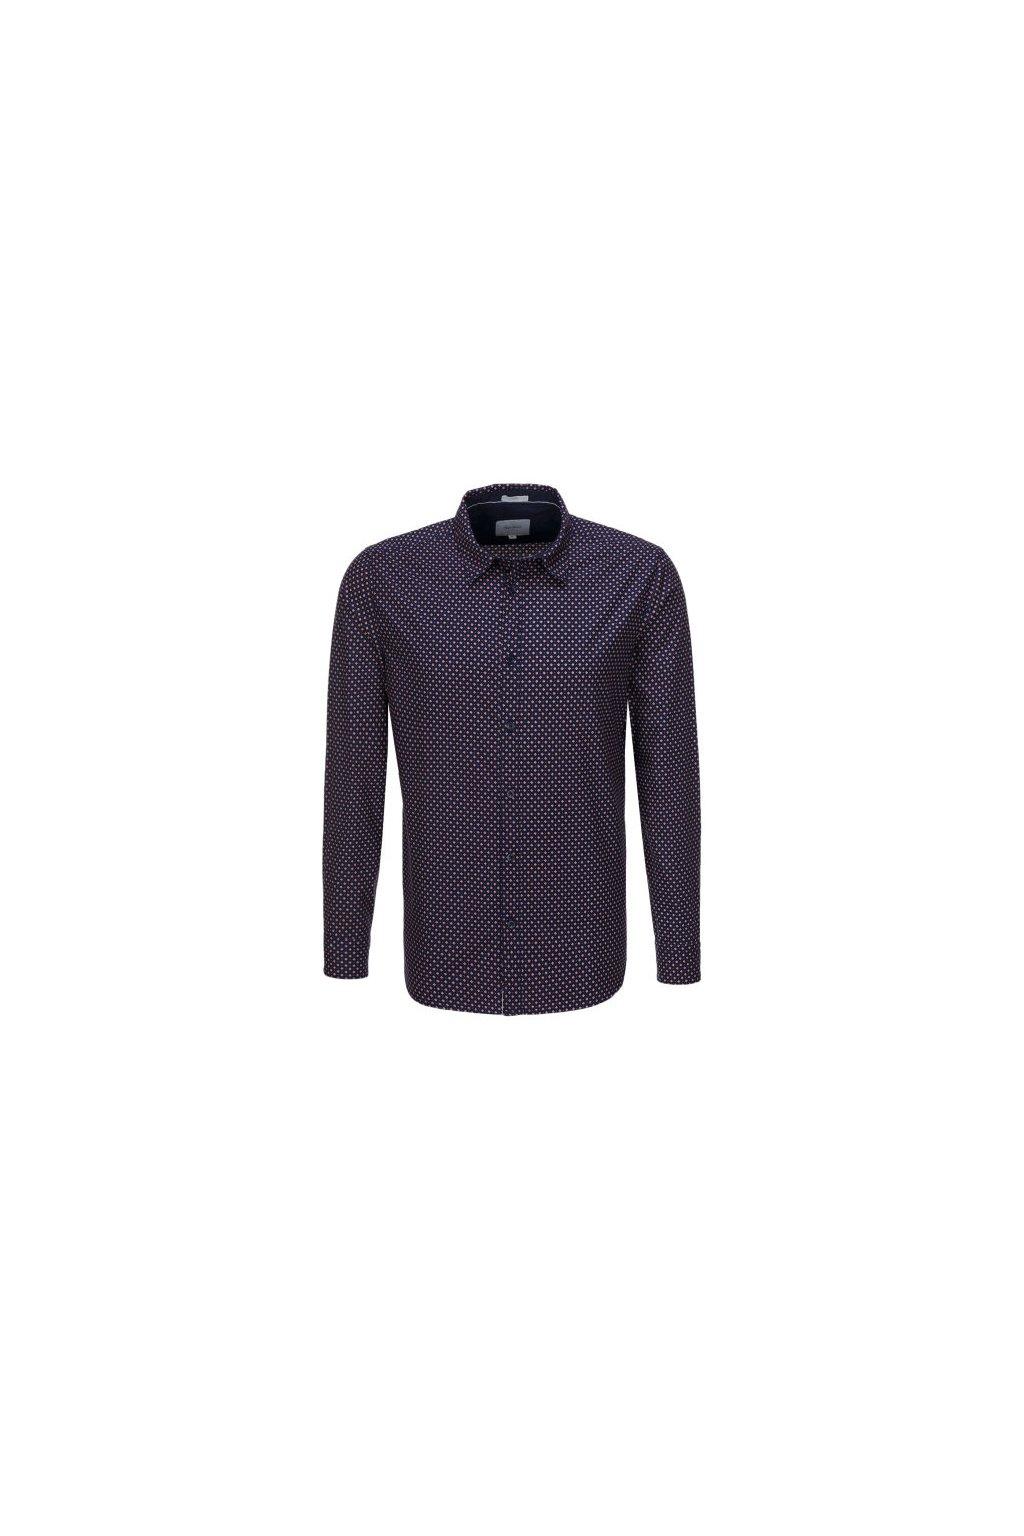 Pánská košile Pepe Jeans pm302563